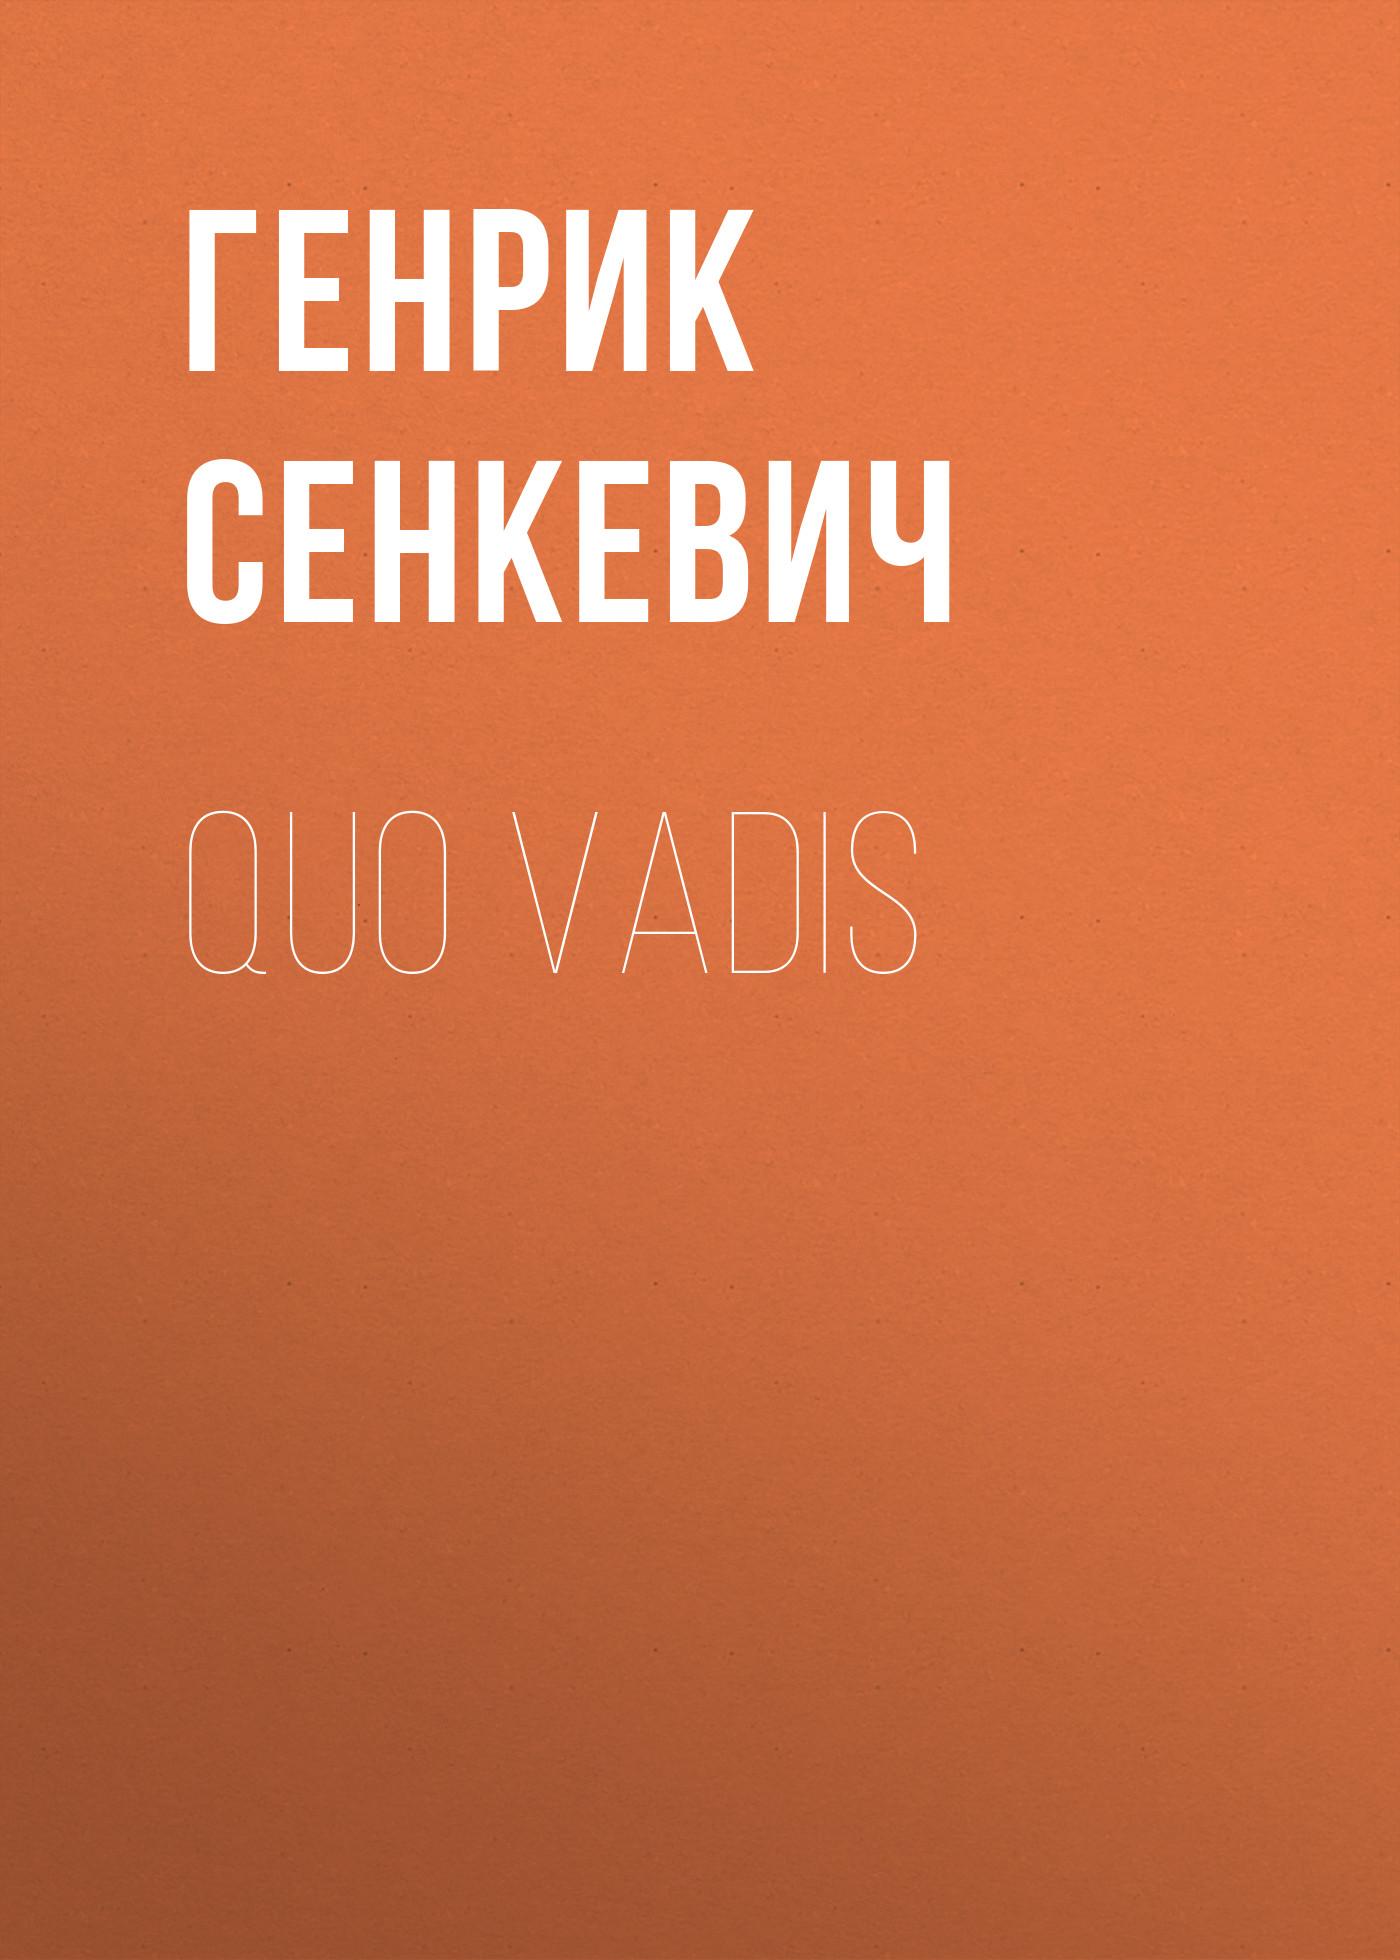 Генрик Сенкевич Quo Vadis генрик сенкевич пан володыевский isbn 978 5 4444 3818 3